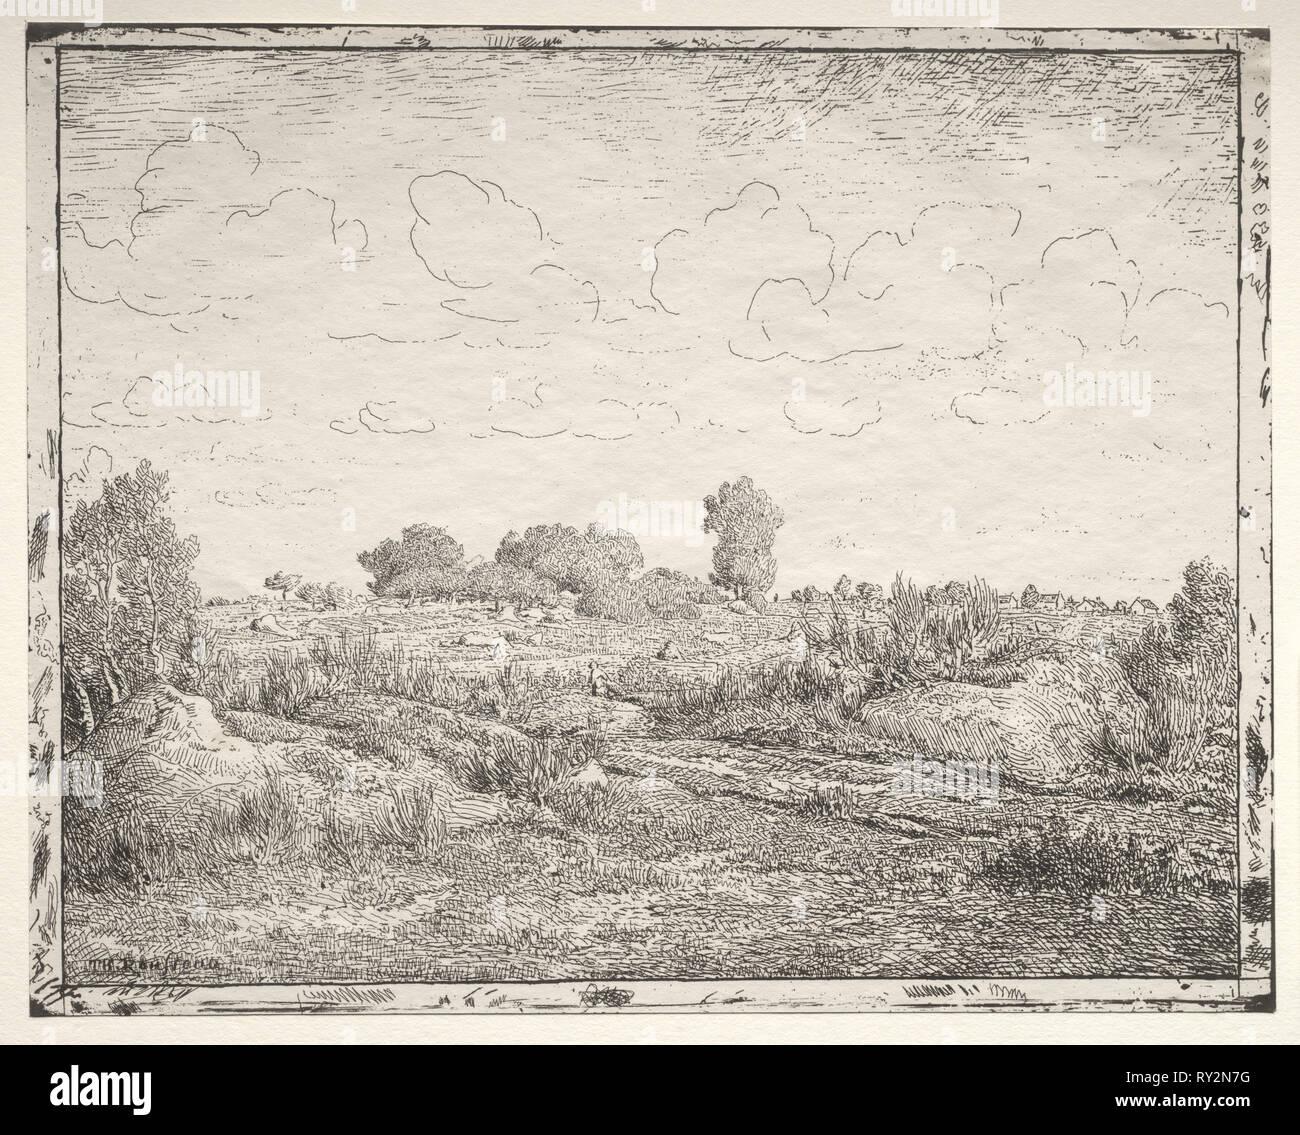 La plaine de la Plante à Biau. Théodore Rousseau (Français, 1812-1867). Cliché-verre Photo Stock